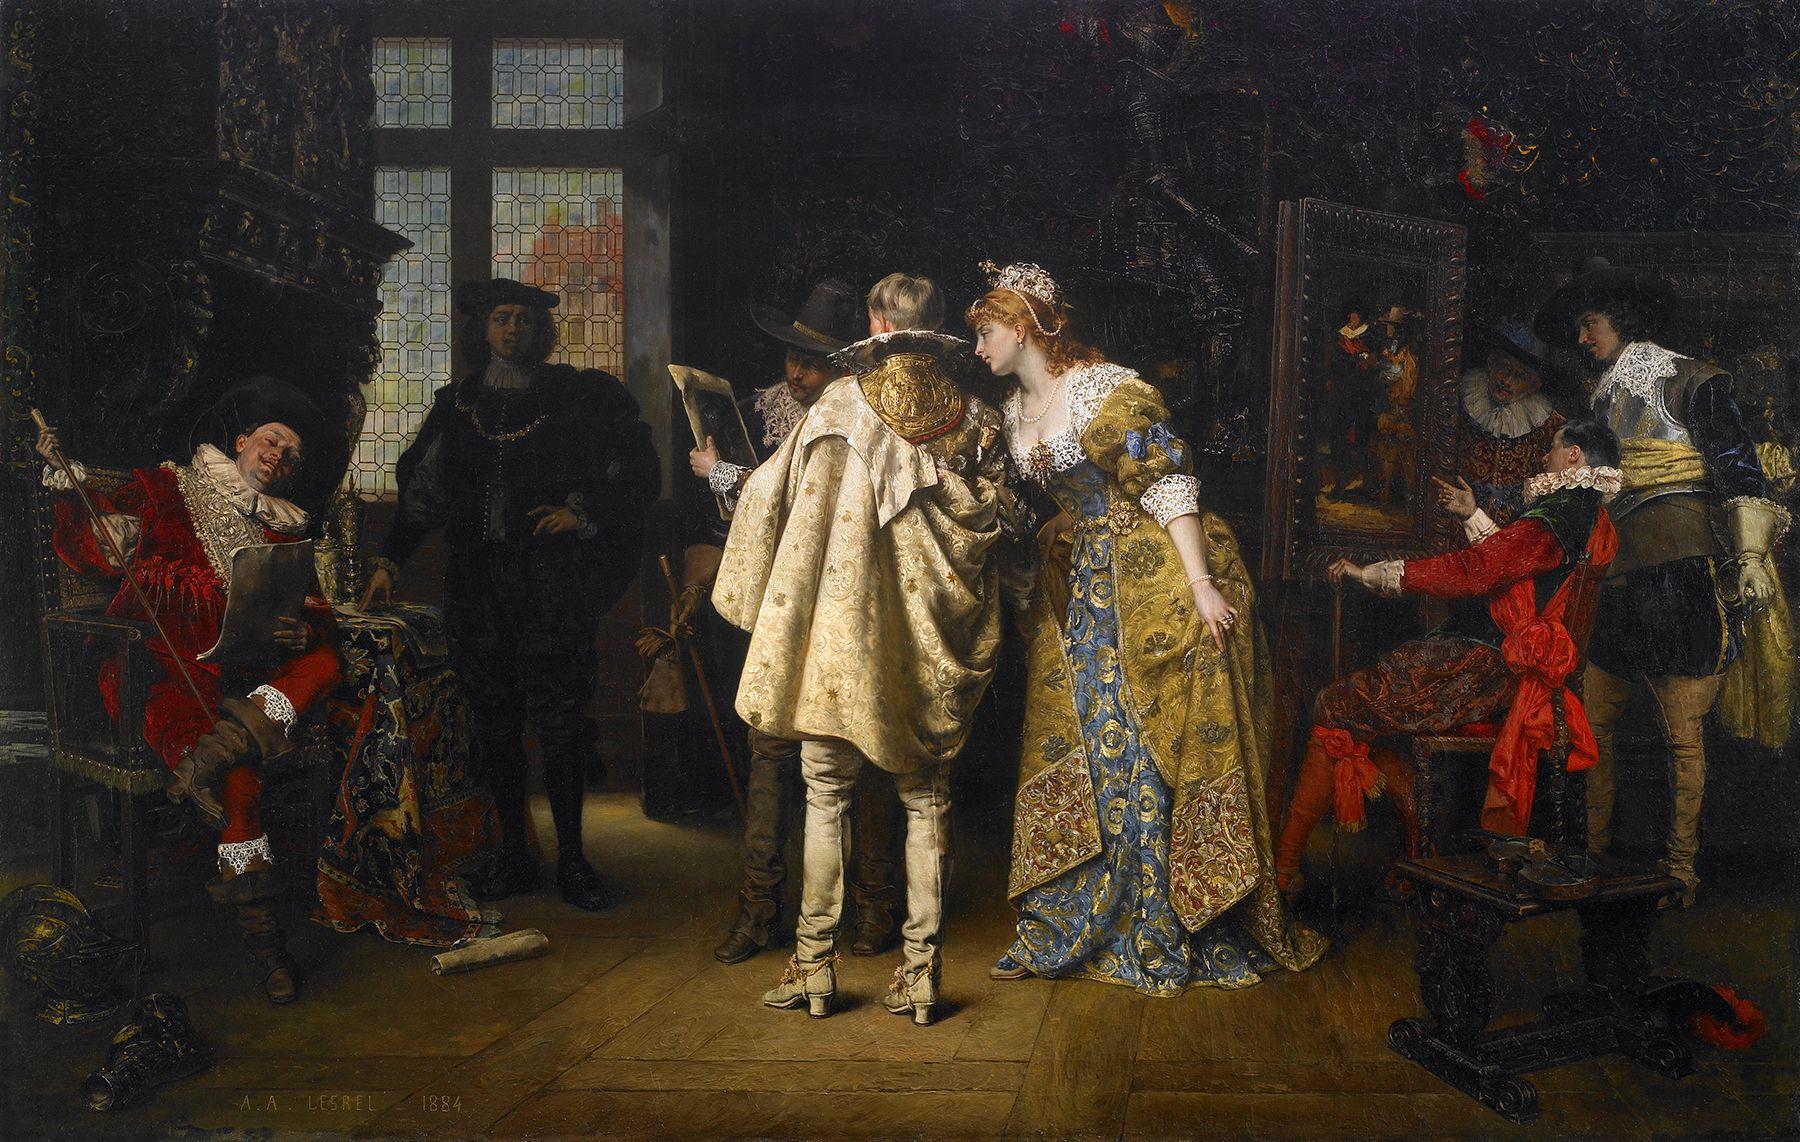 Flemish lords visiting Rembrandt studio